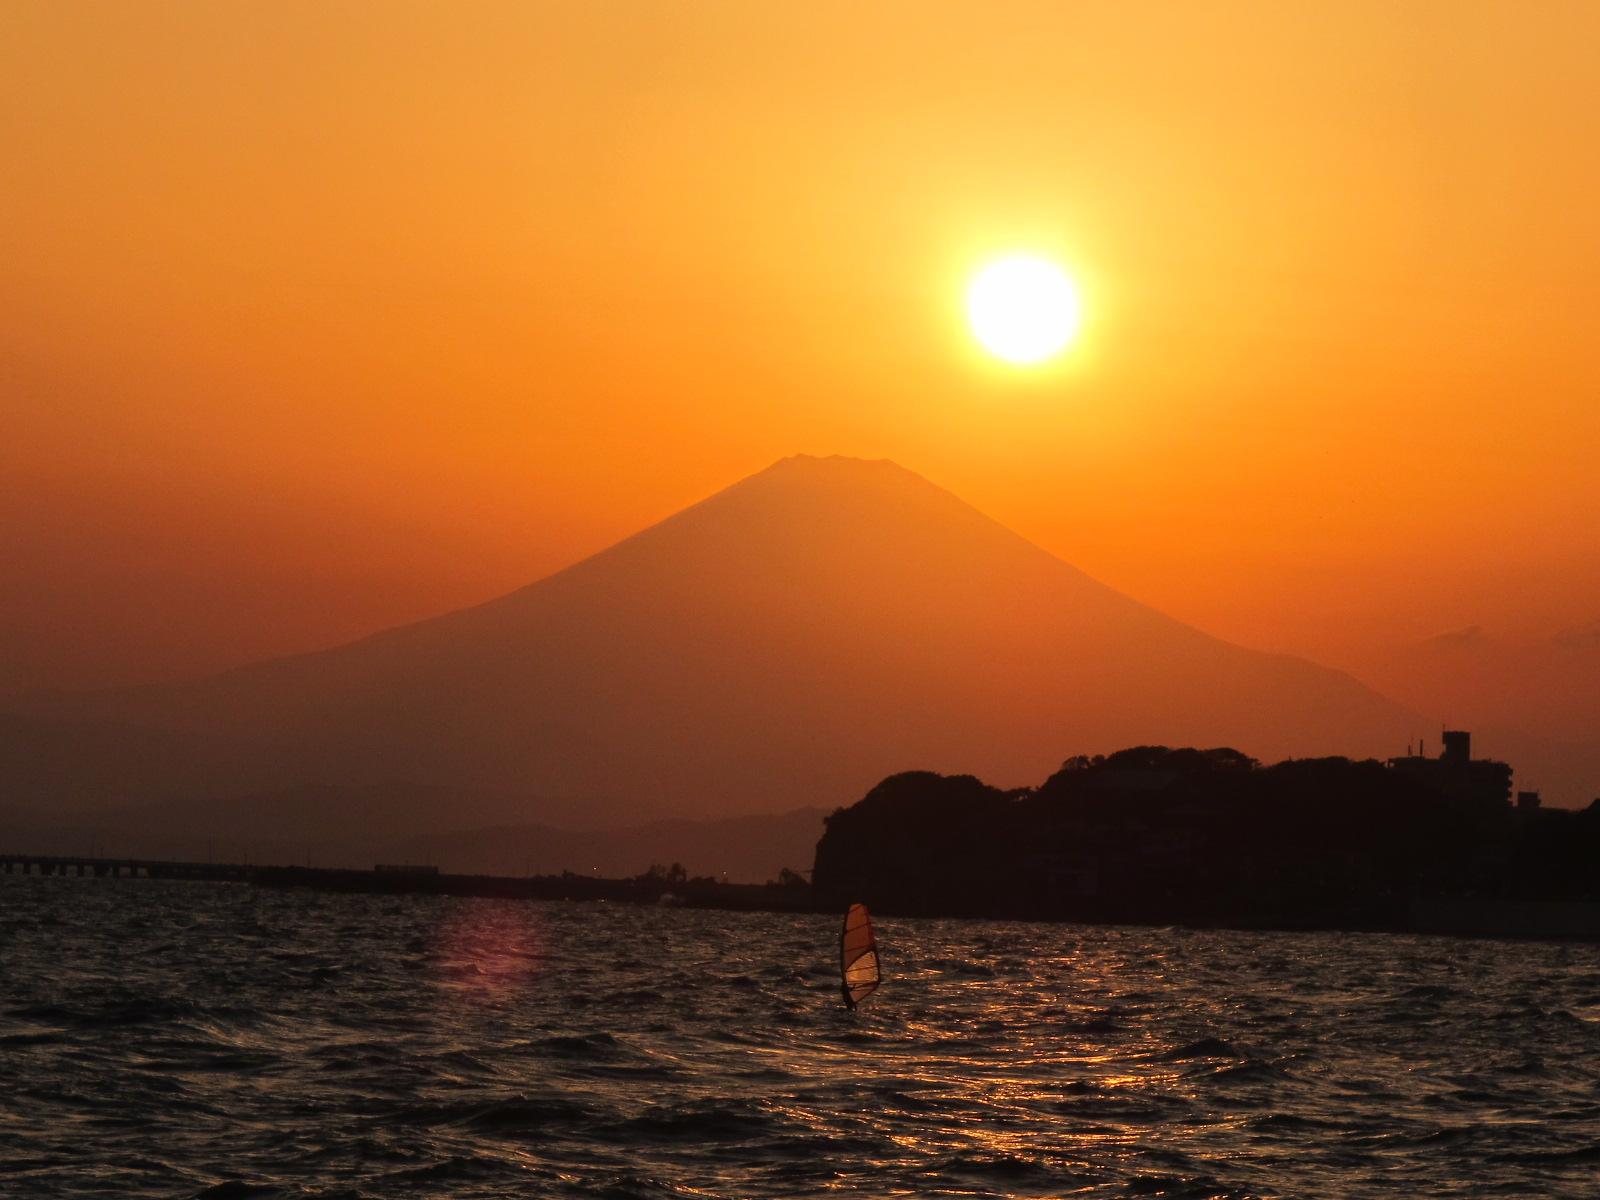 金色に耀く、ゴールデン富士・・・8_c0075701_21464893.jpg